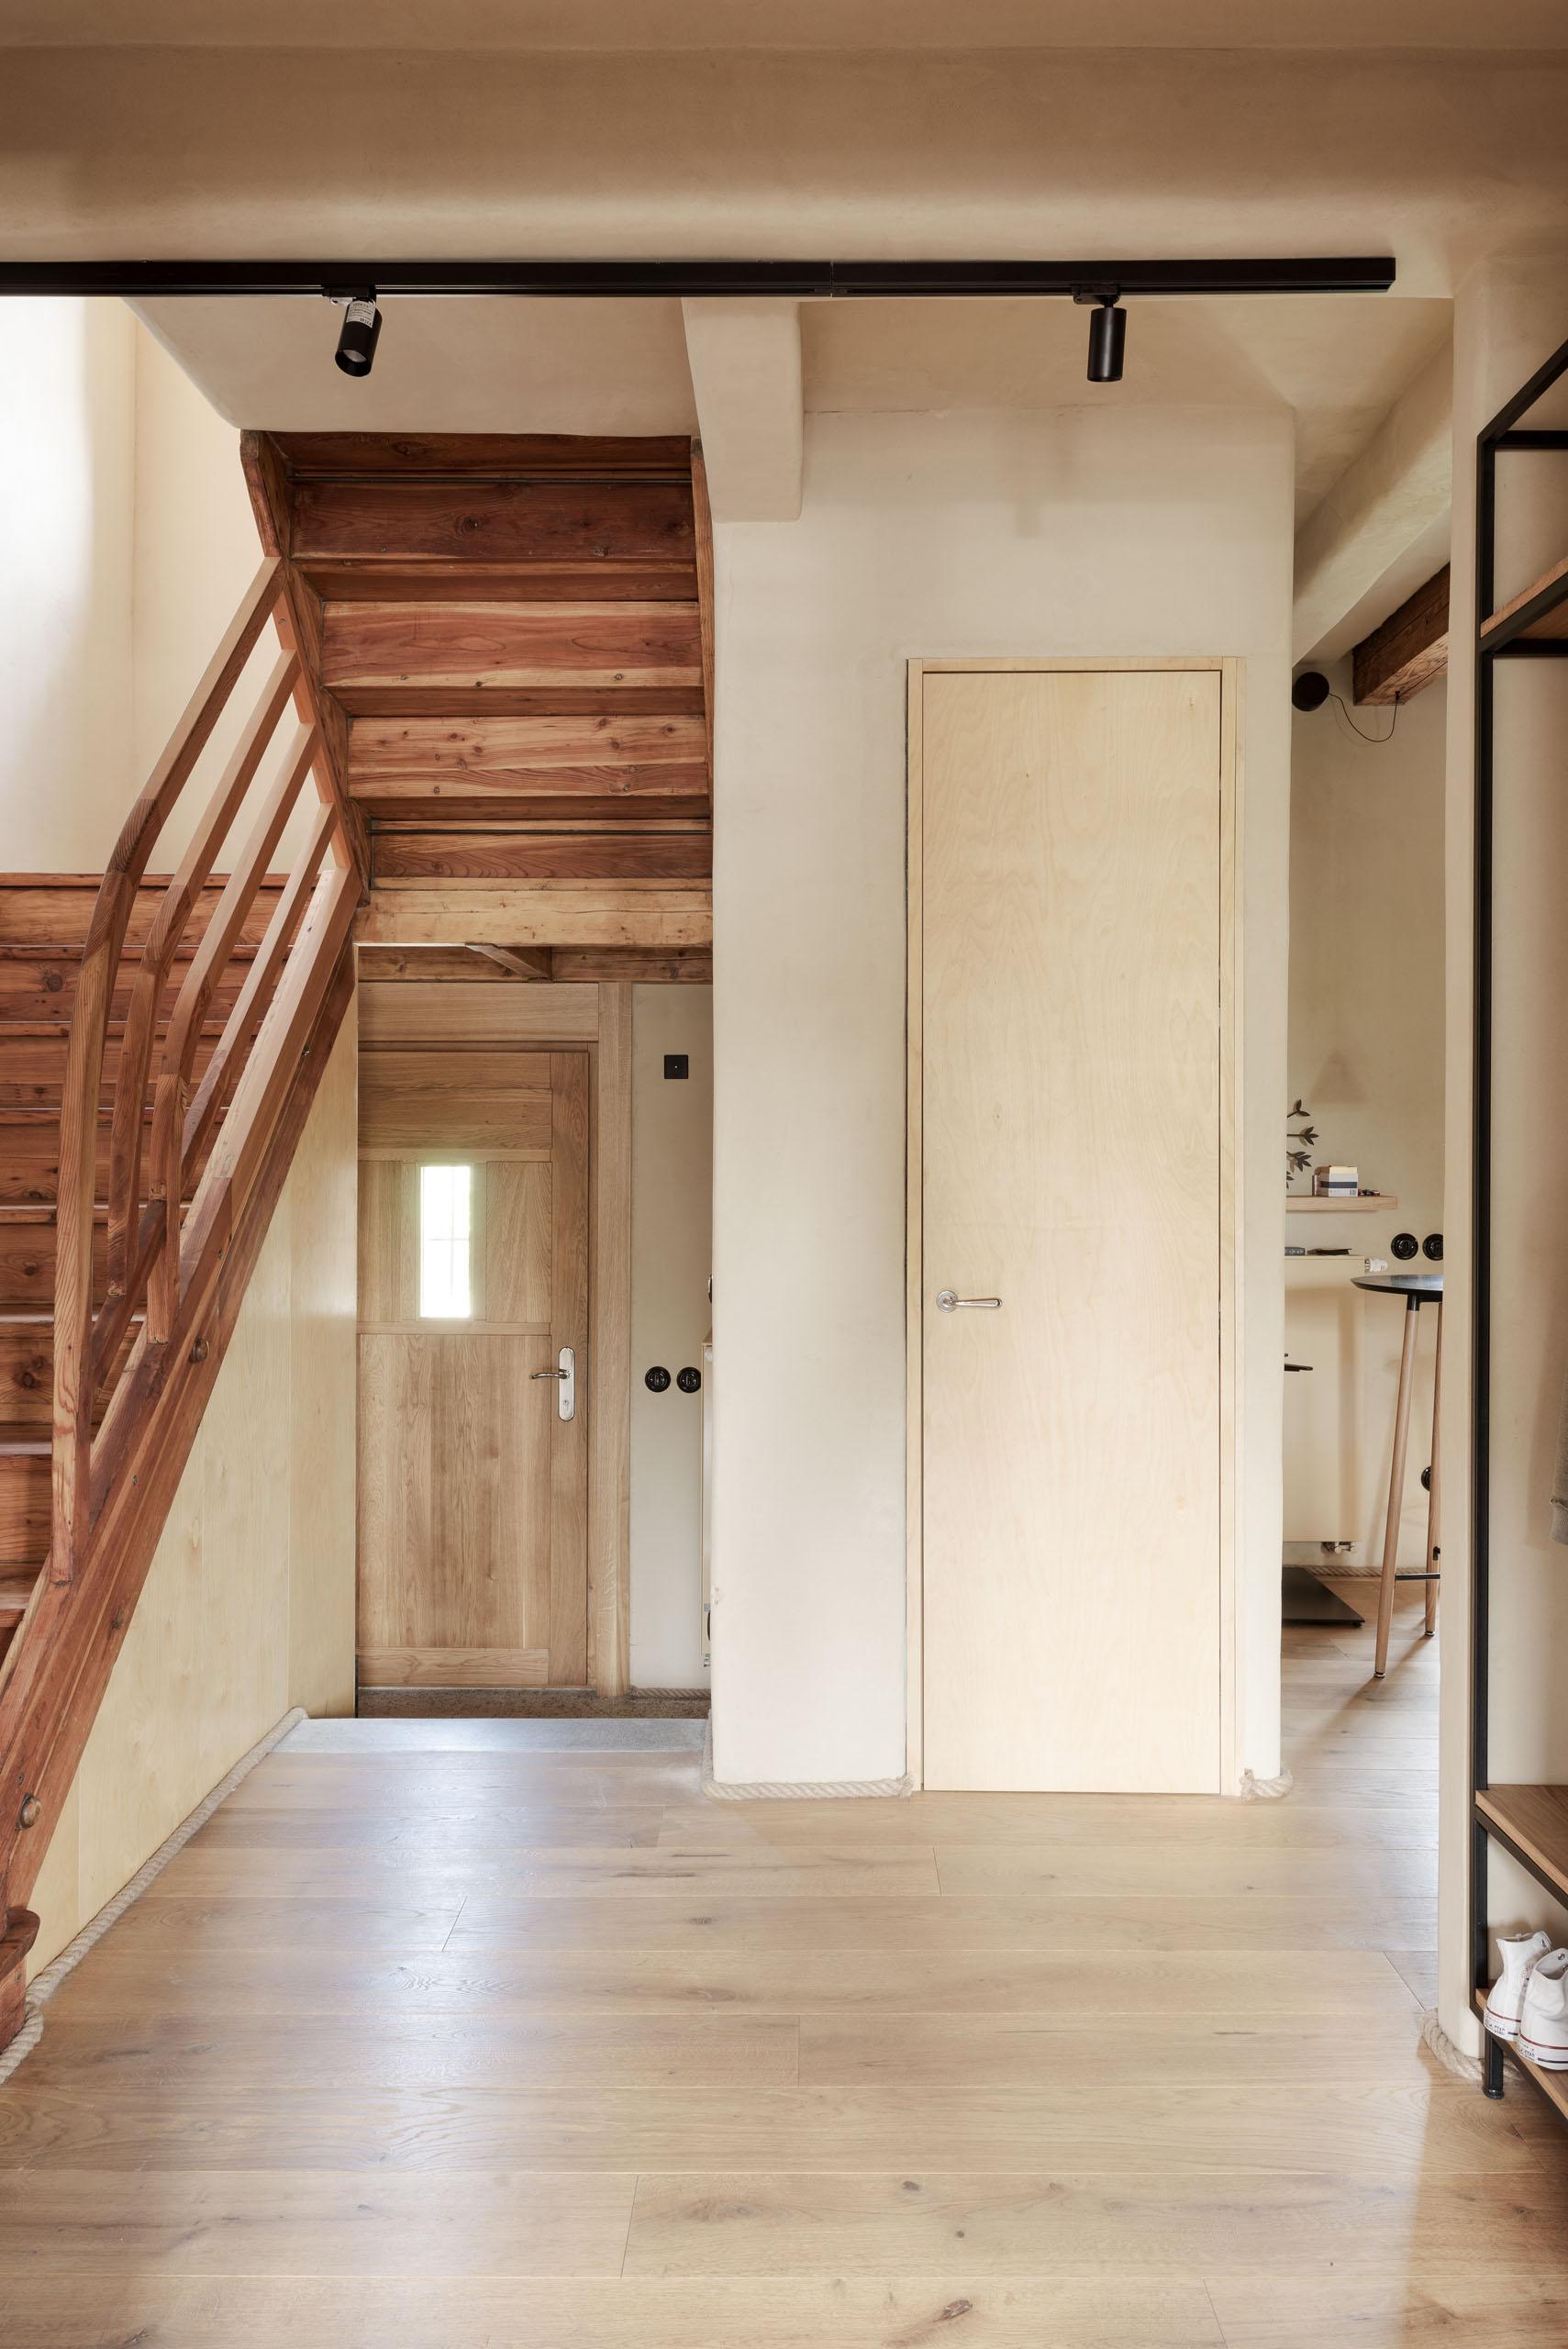 schodisko na druhé podlažie domu